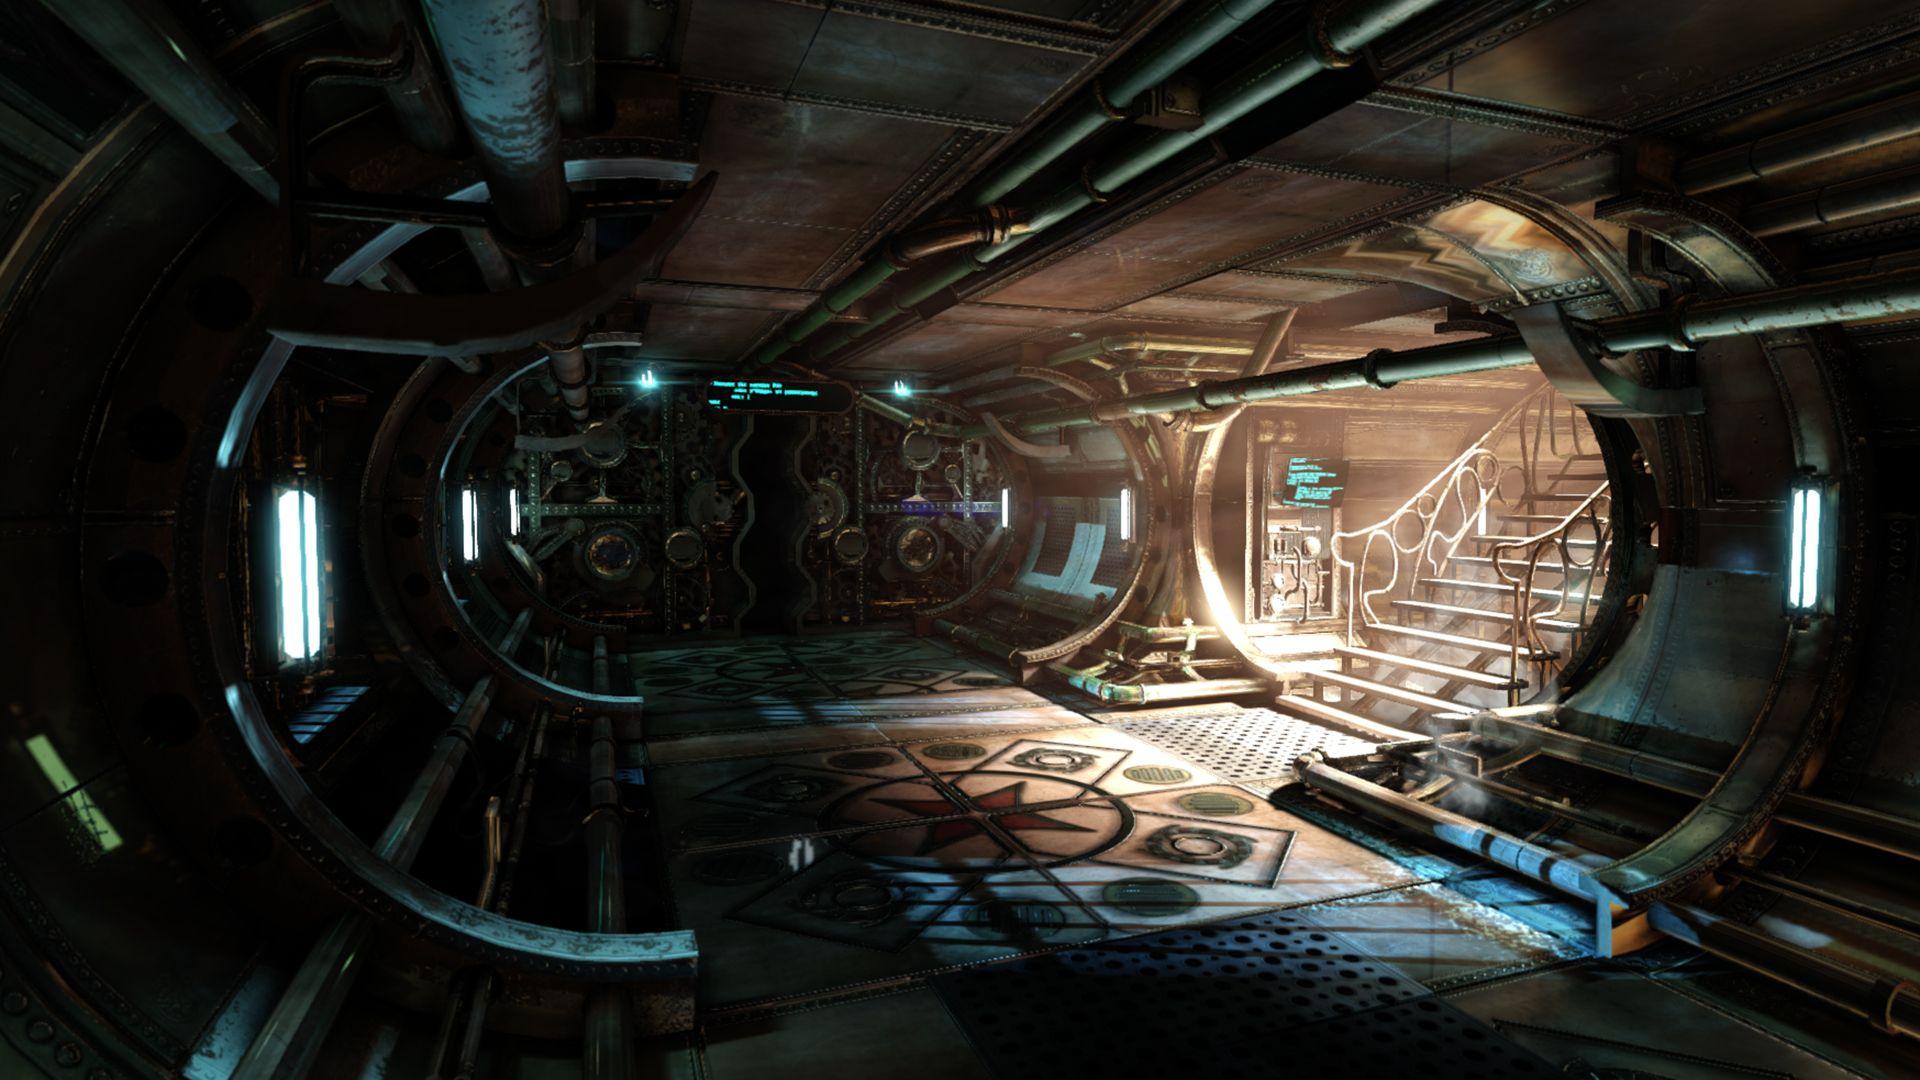 Space Station Interior Art Spaceship Interior Steampunk Steampunk Environment Concept Art